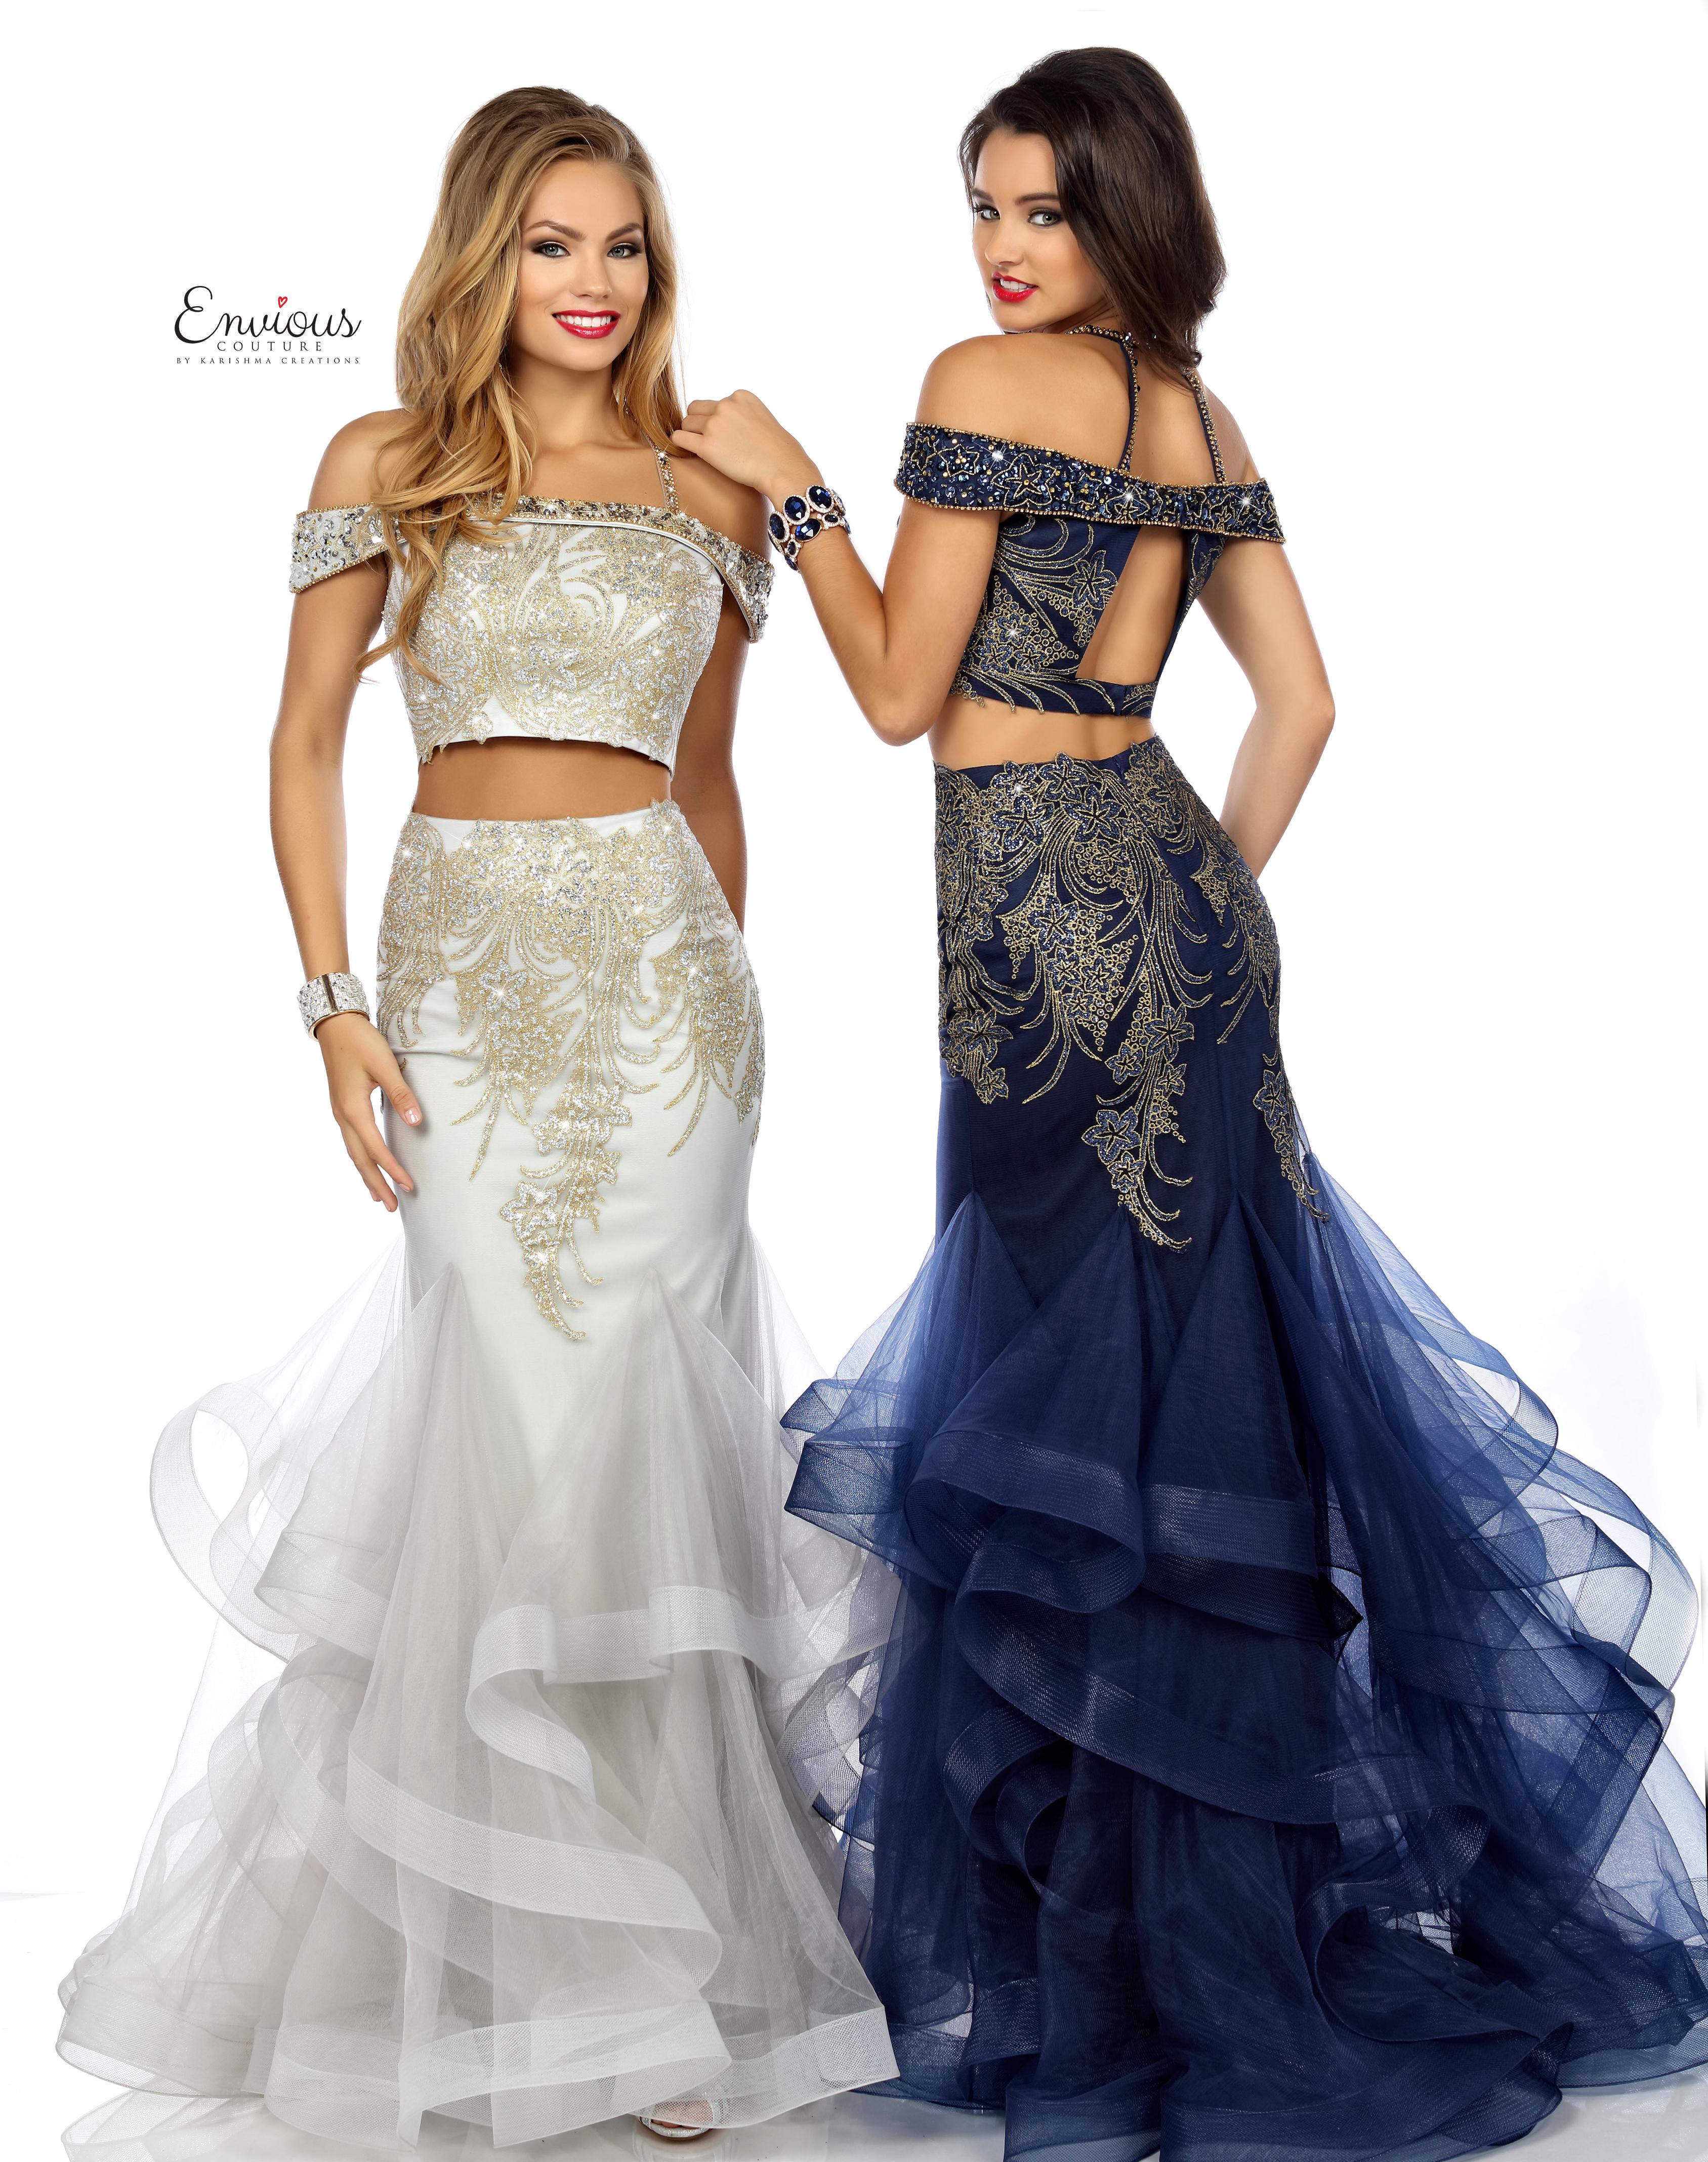 balklänning, festklänning, tärnklänning, Envious Couture, Kashmir Creations, balklänning mikado, balklänning chiffong, balklänning spets, balklänning i tyll